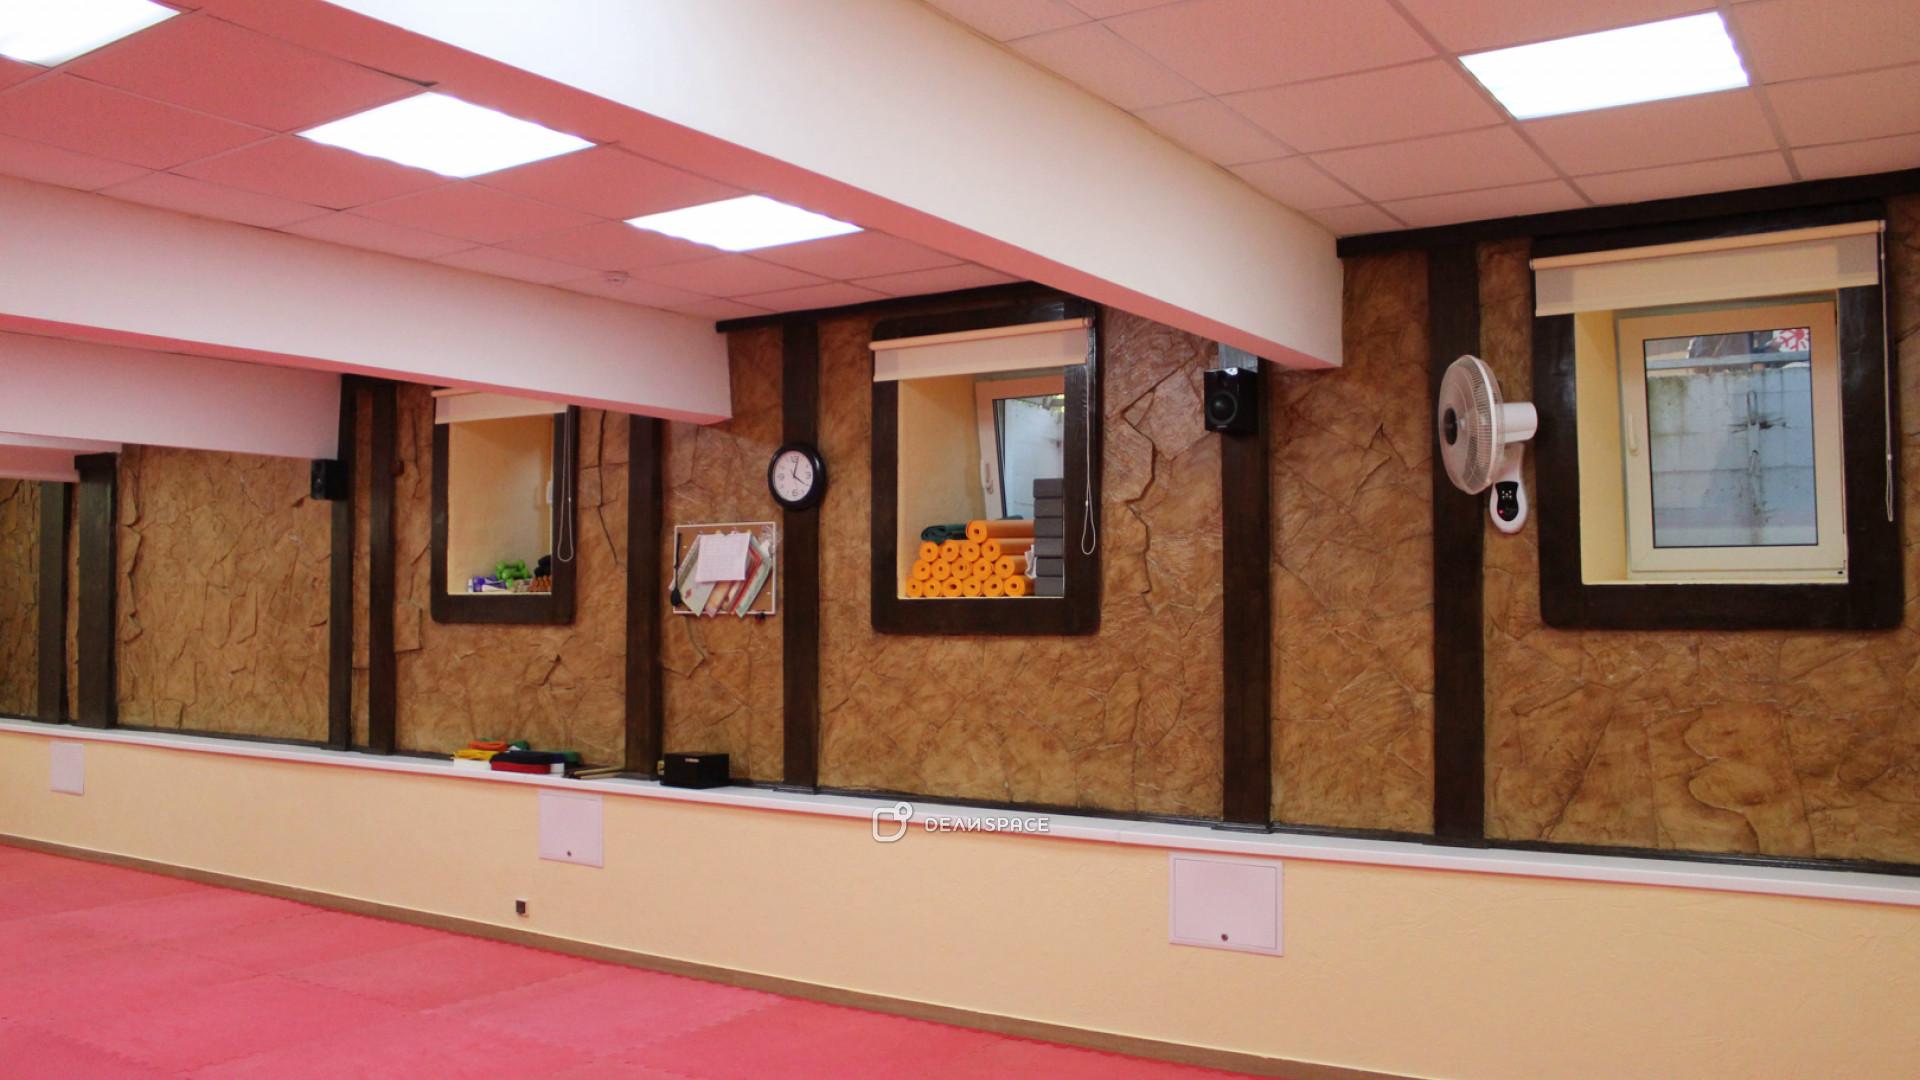 Спортивный зал для единоборств и спорта - фото №2